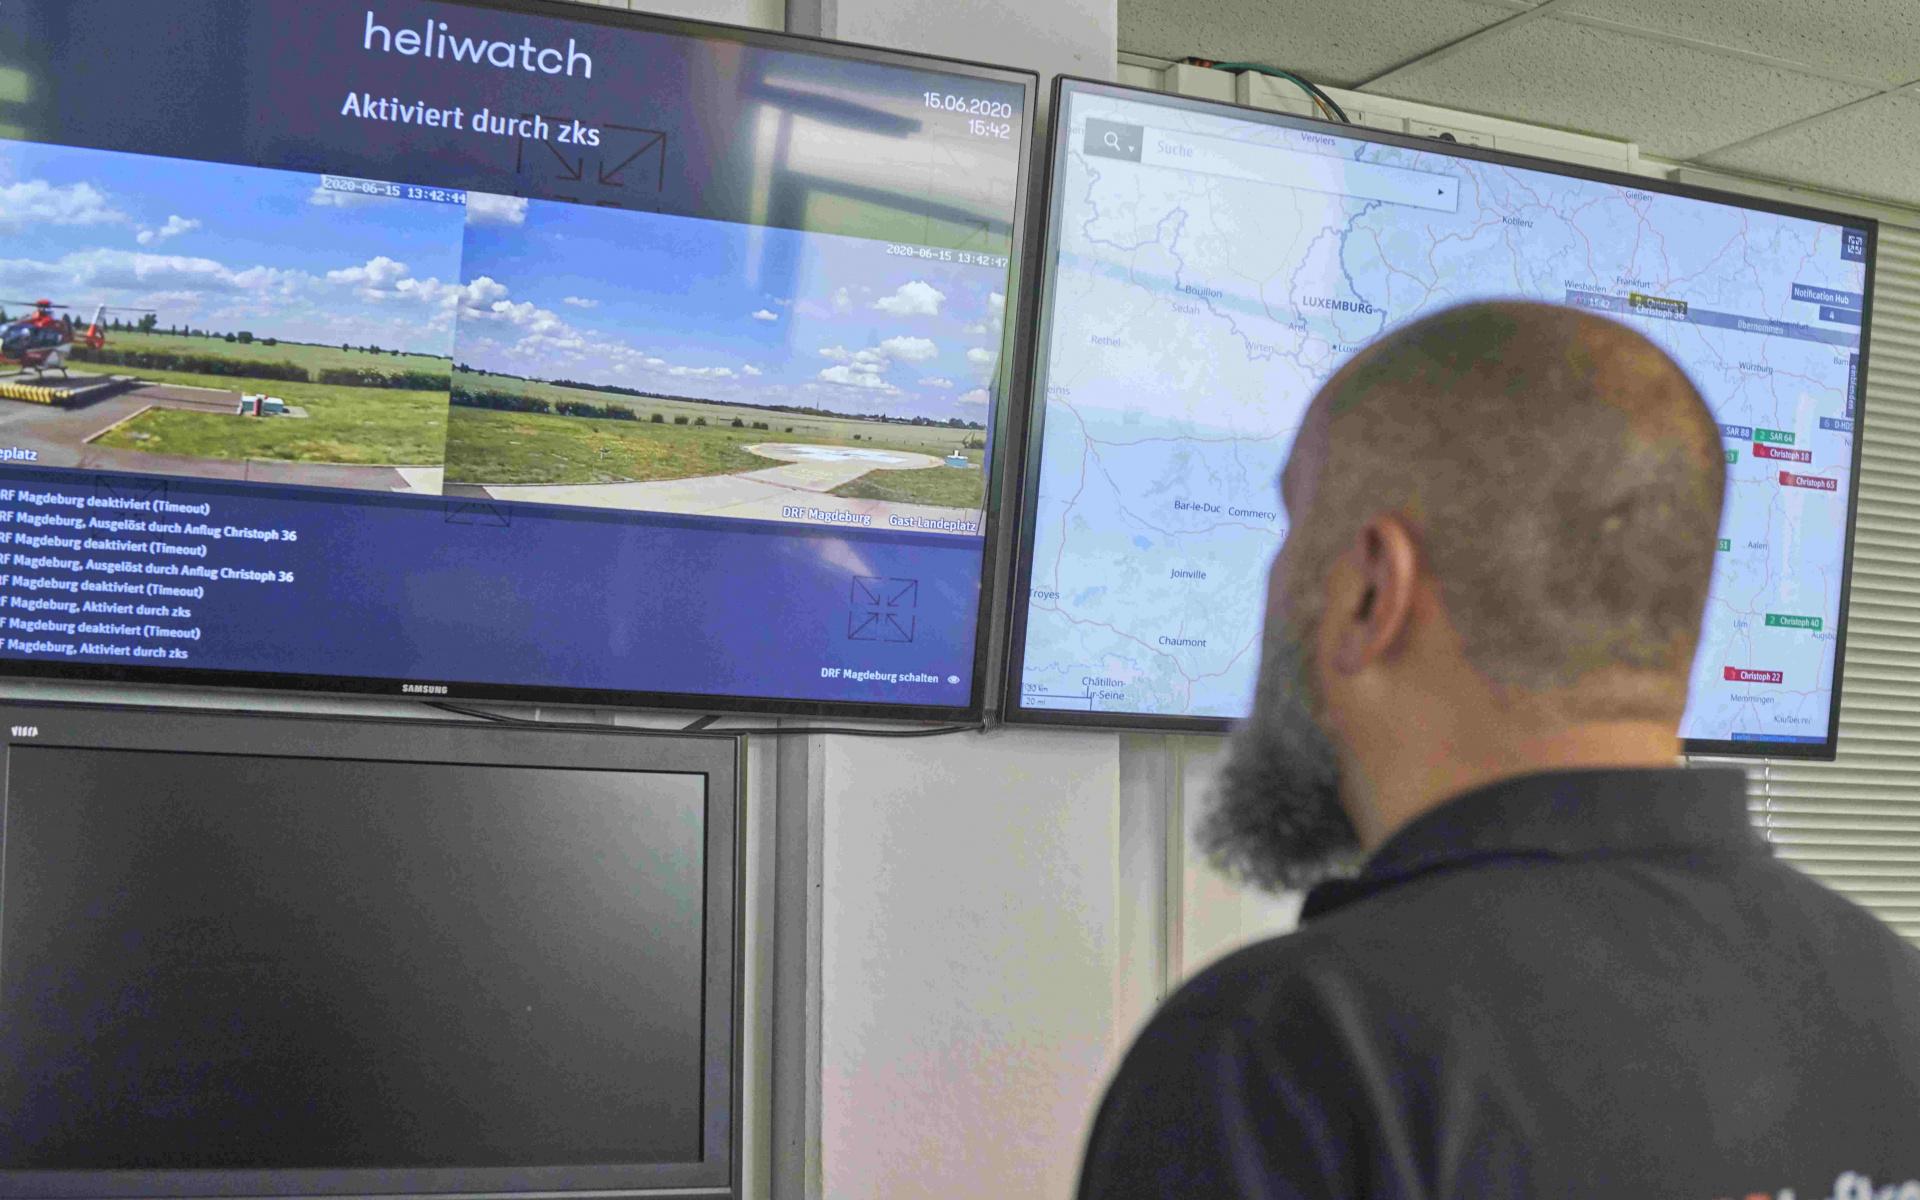 Ein Mann schaut auf zwei Bildschirme an der Wand.